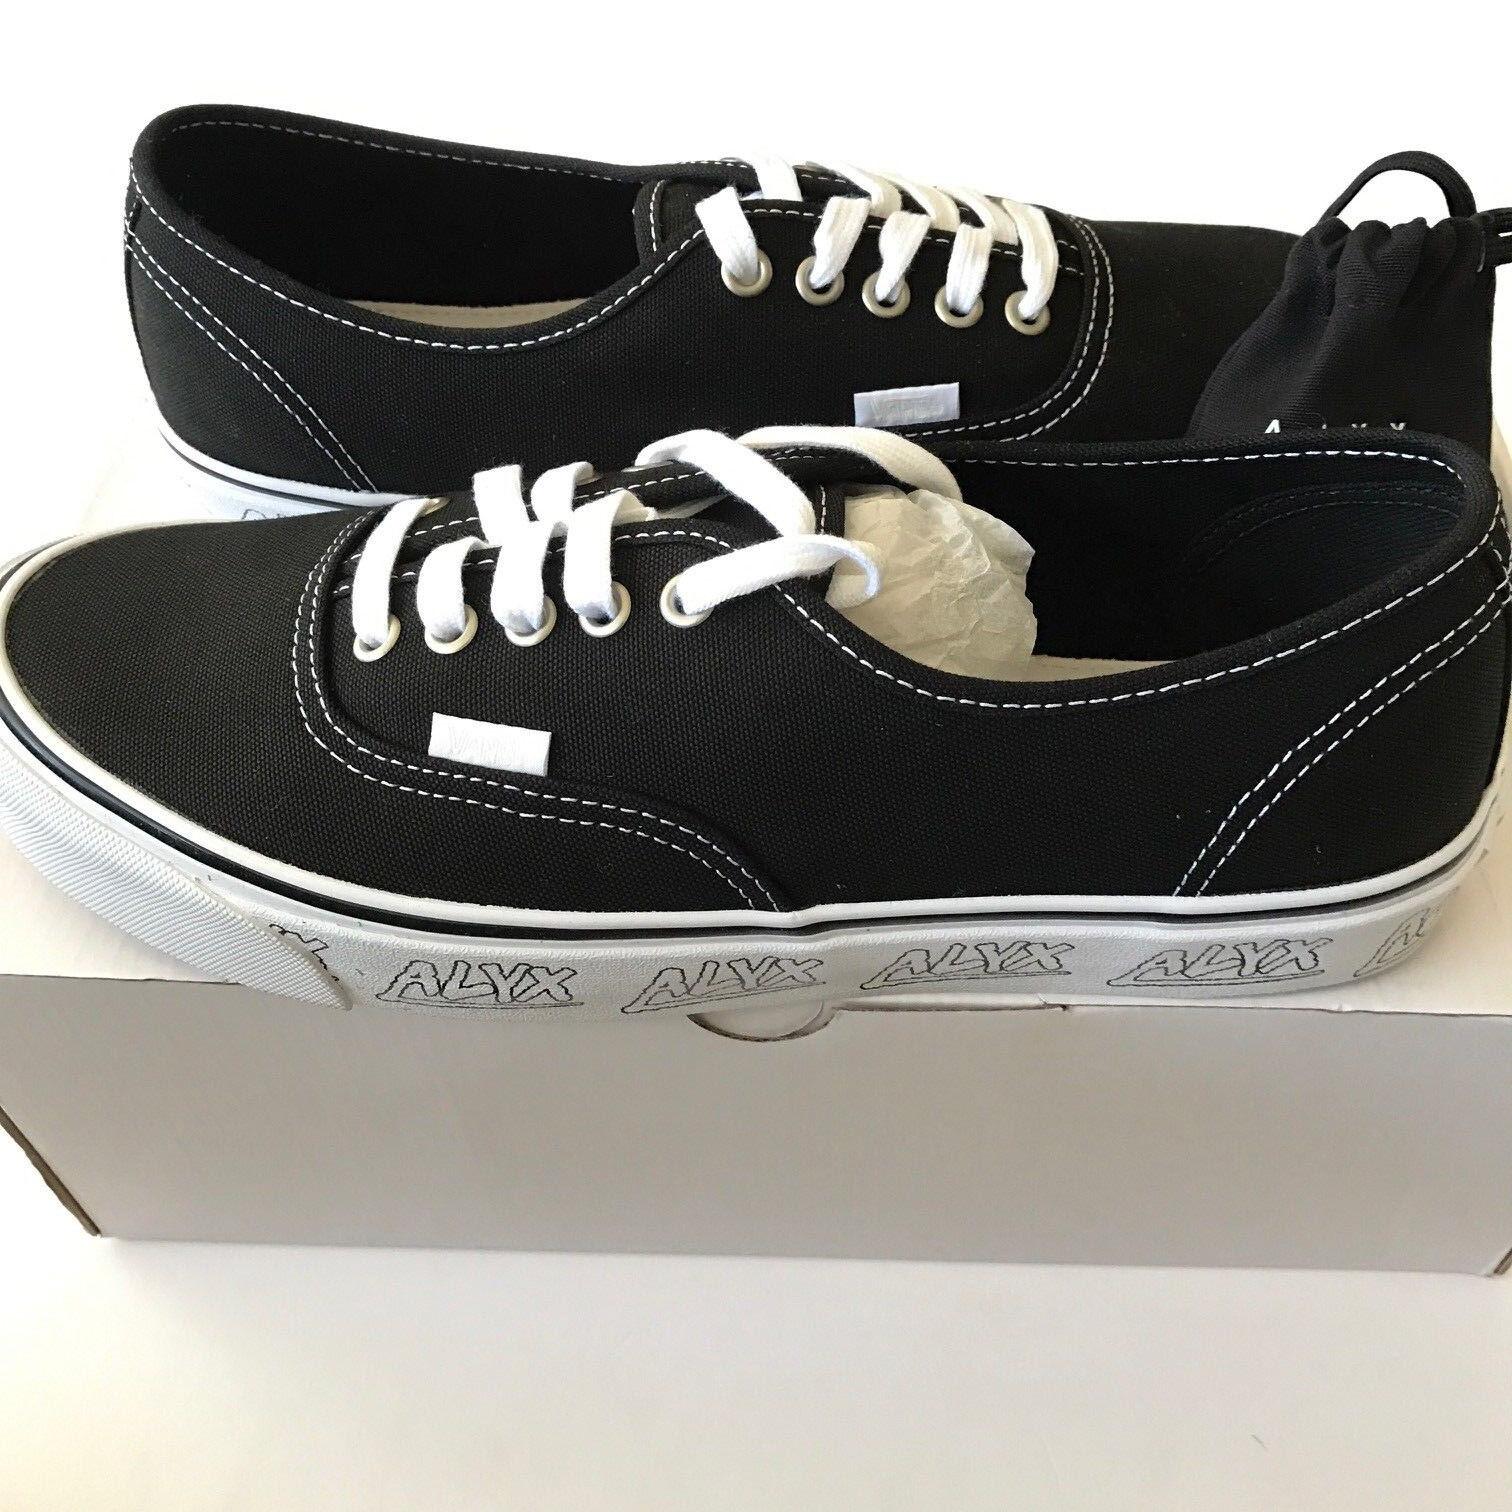 Alyx Vans OG Authentic LX sz.8 Black White Vault FOG